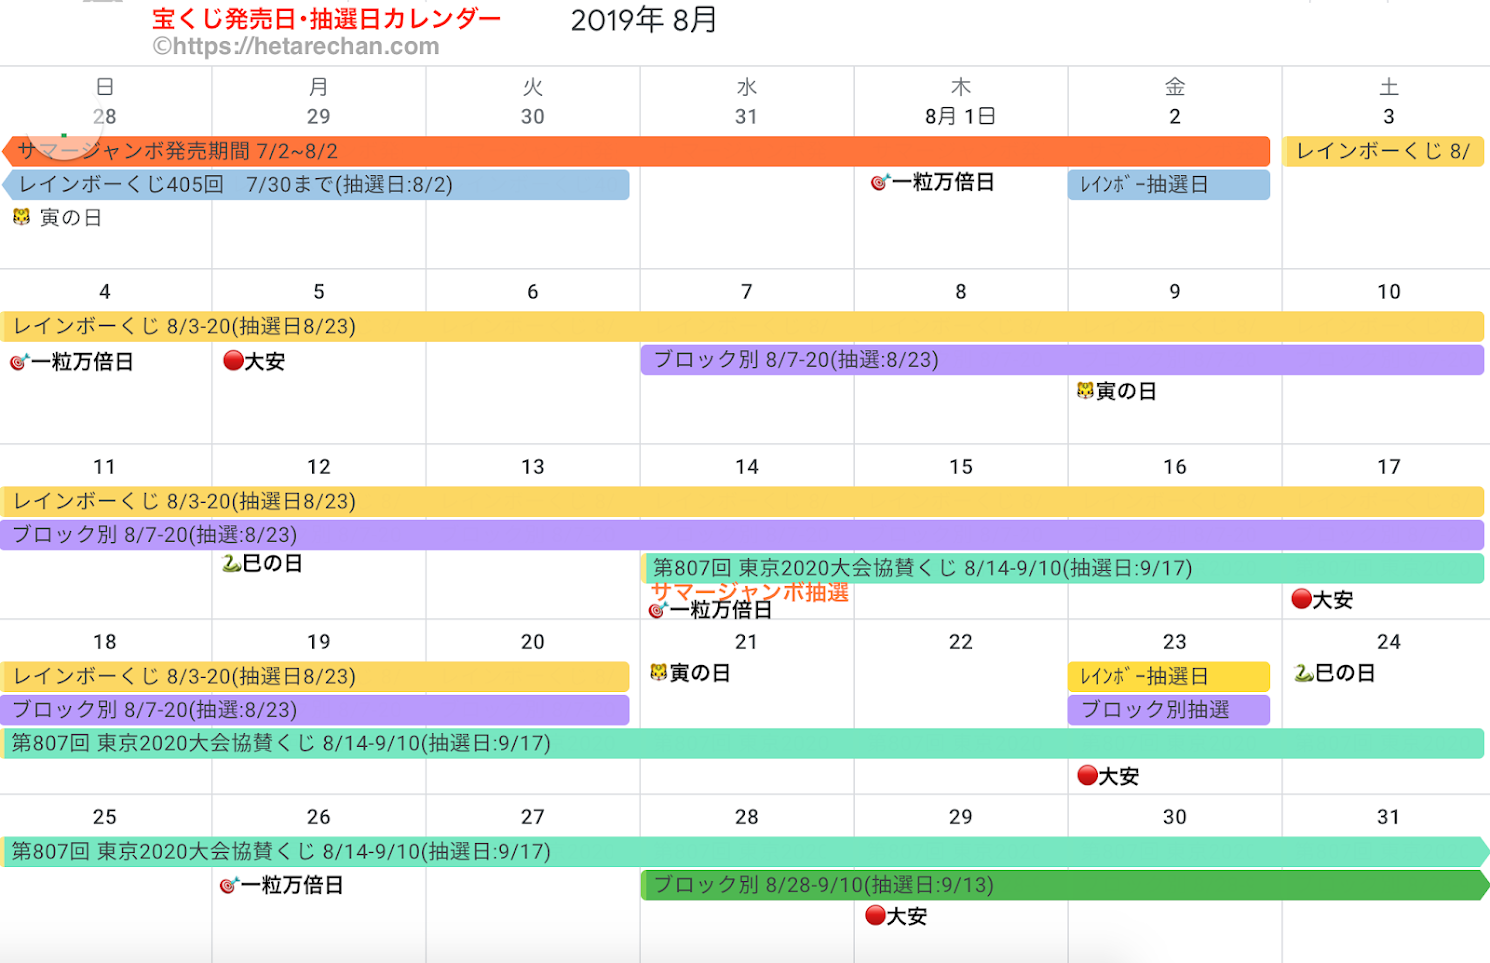 2019年8月 宝くじ発売期間・抽選日・宝くじを買うといい日、縁起の良い日のカレンダー